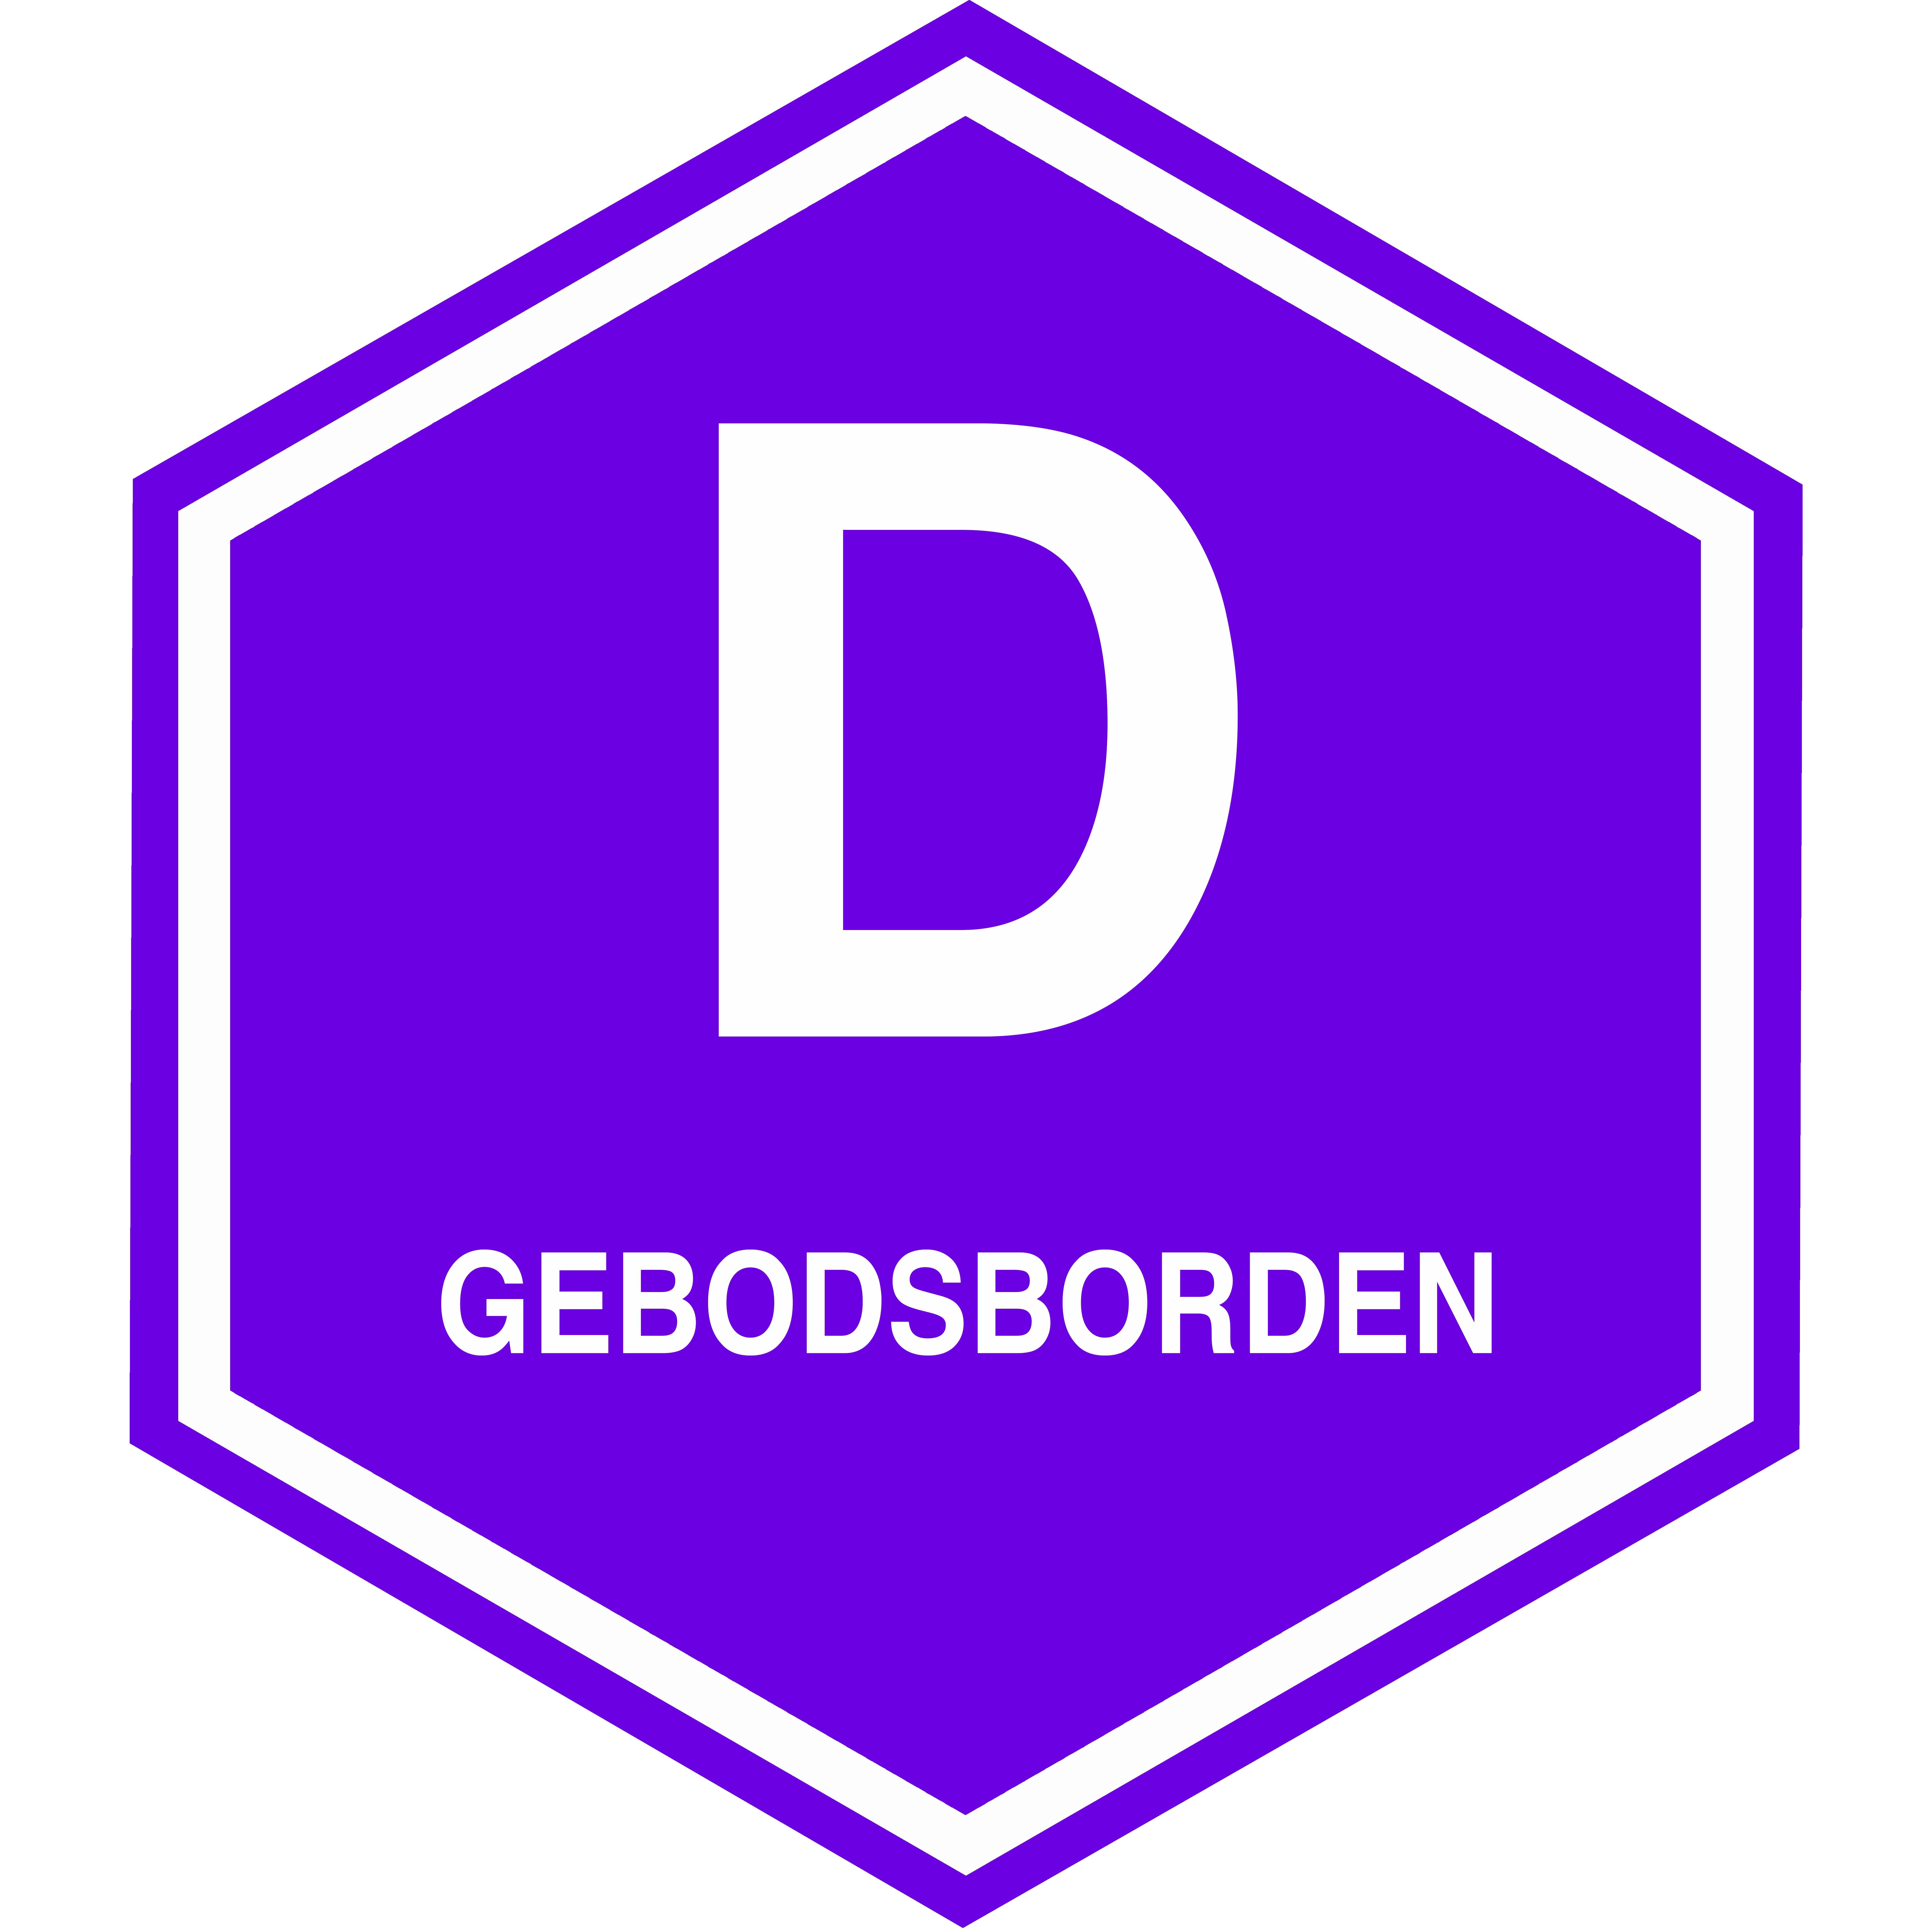 D GEBODSBORDEN